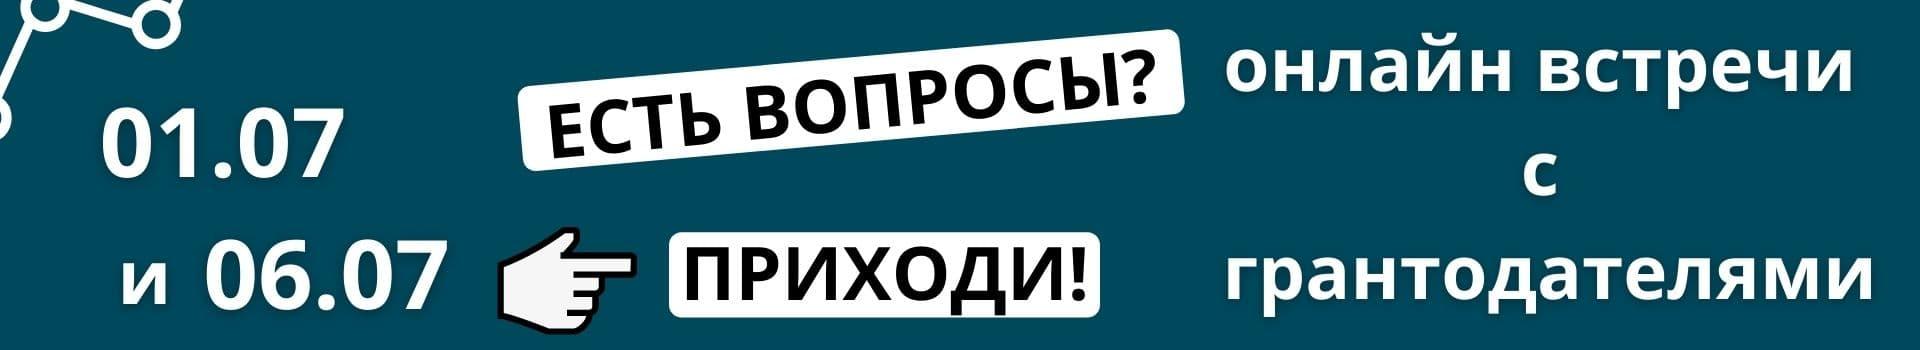 Баннер Демодень